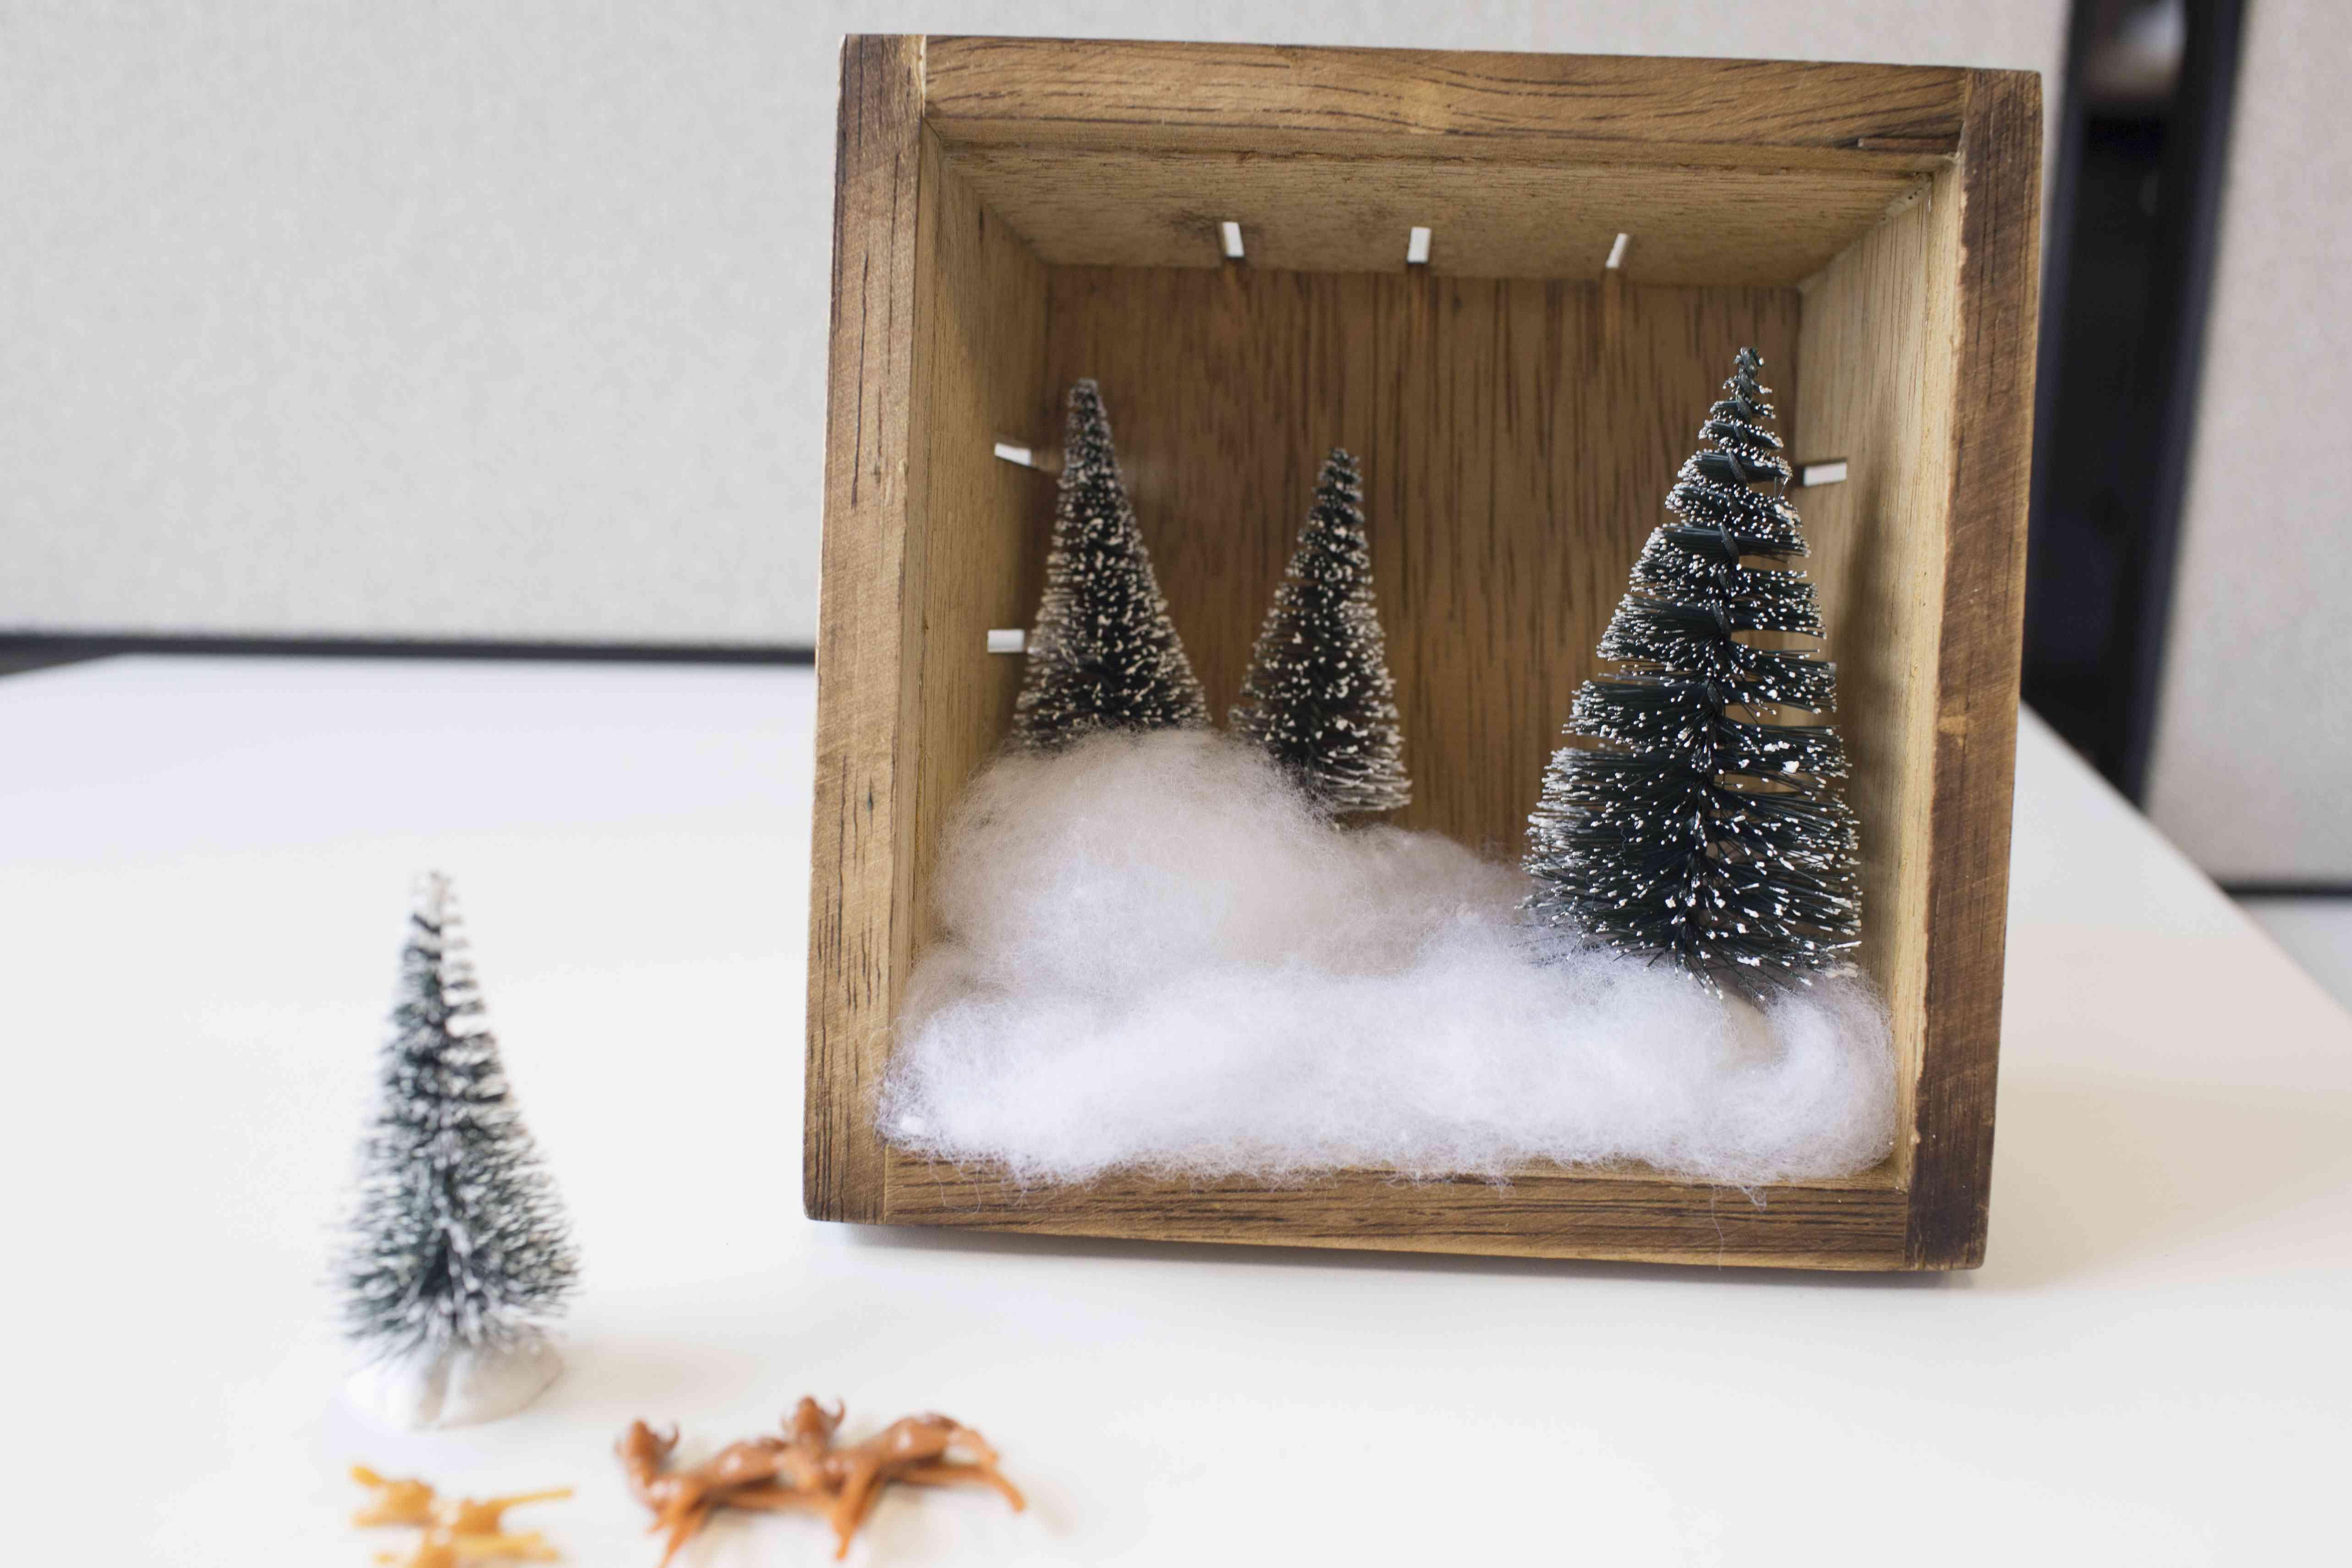 Mini trees in a box